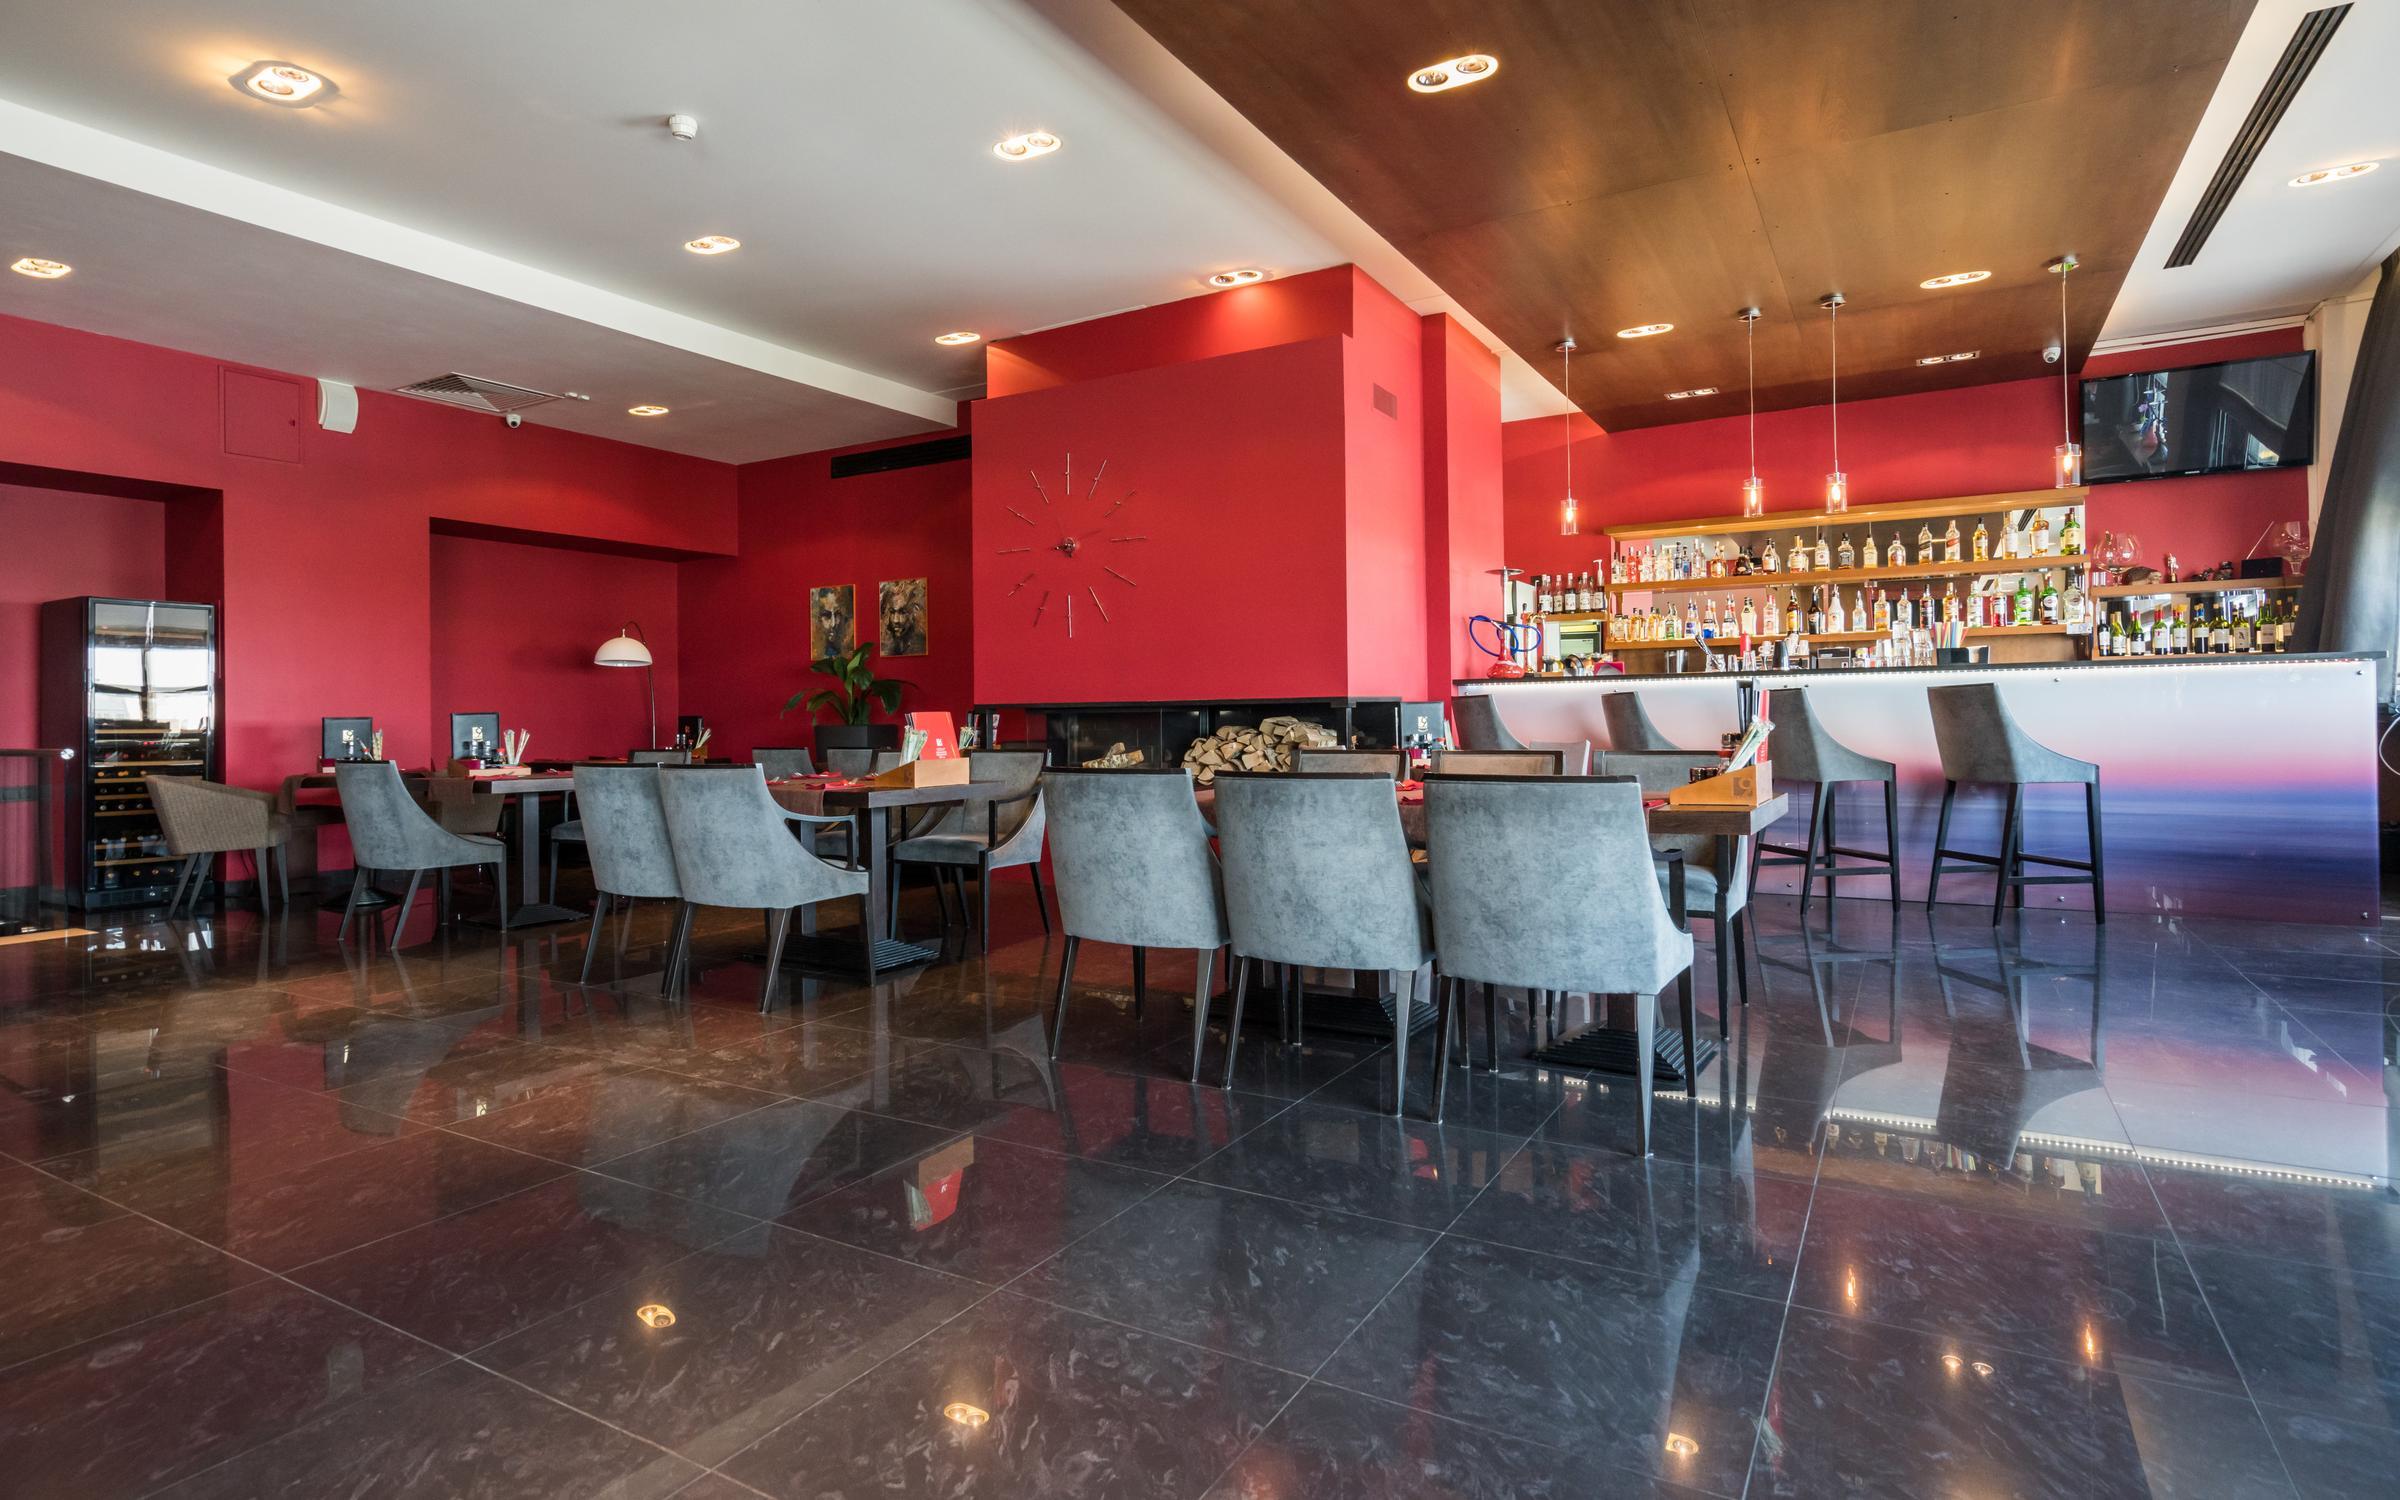 фотография Ресторана 9 Этаж на улице Шаболовка